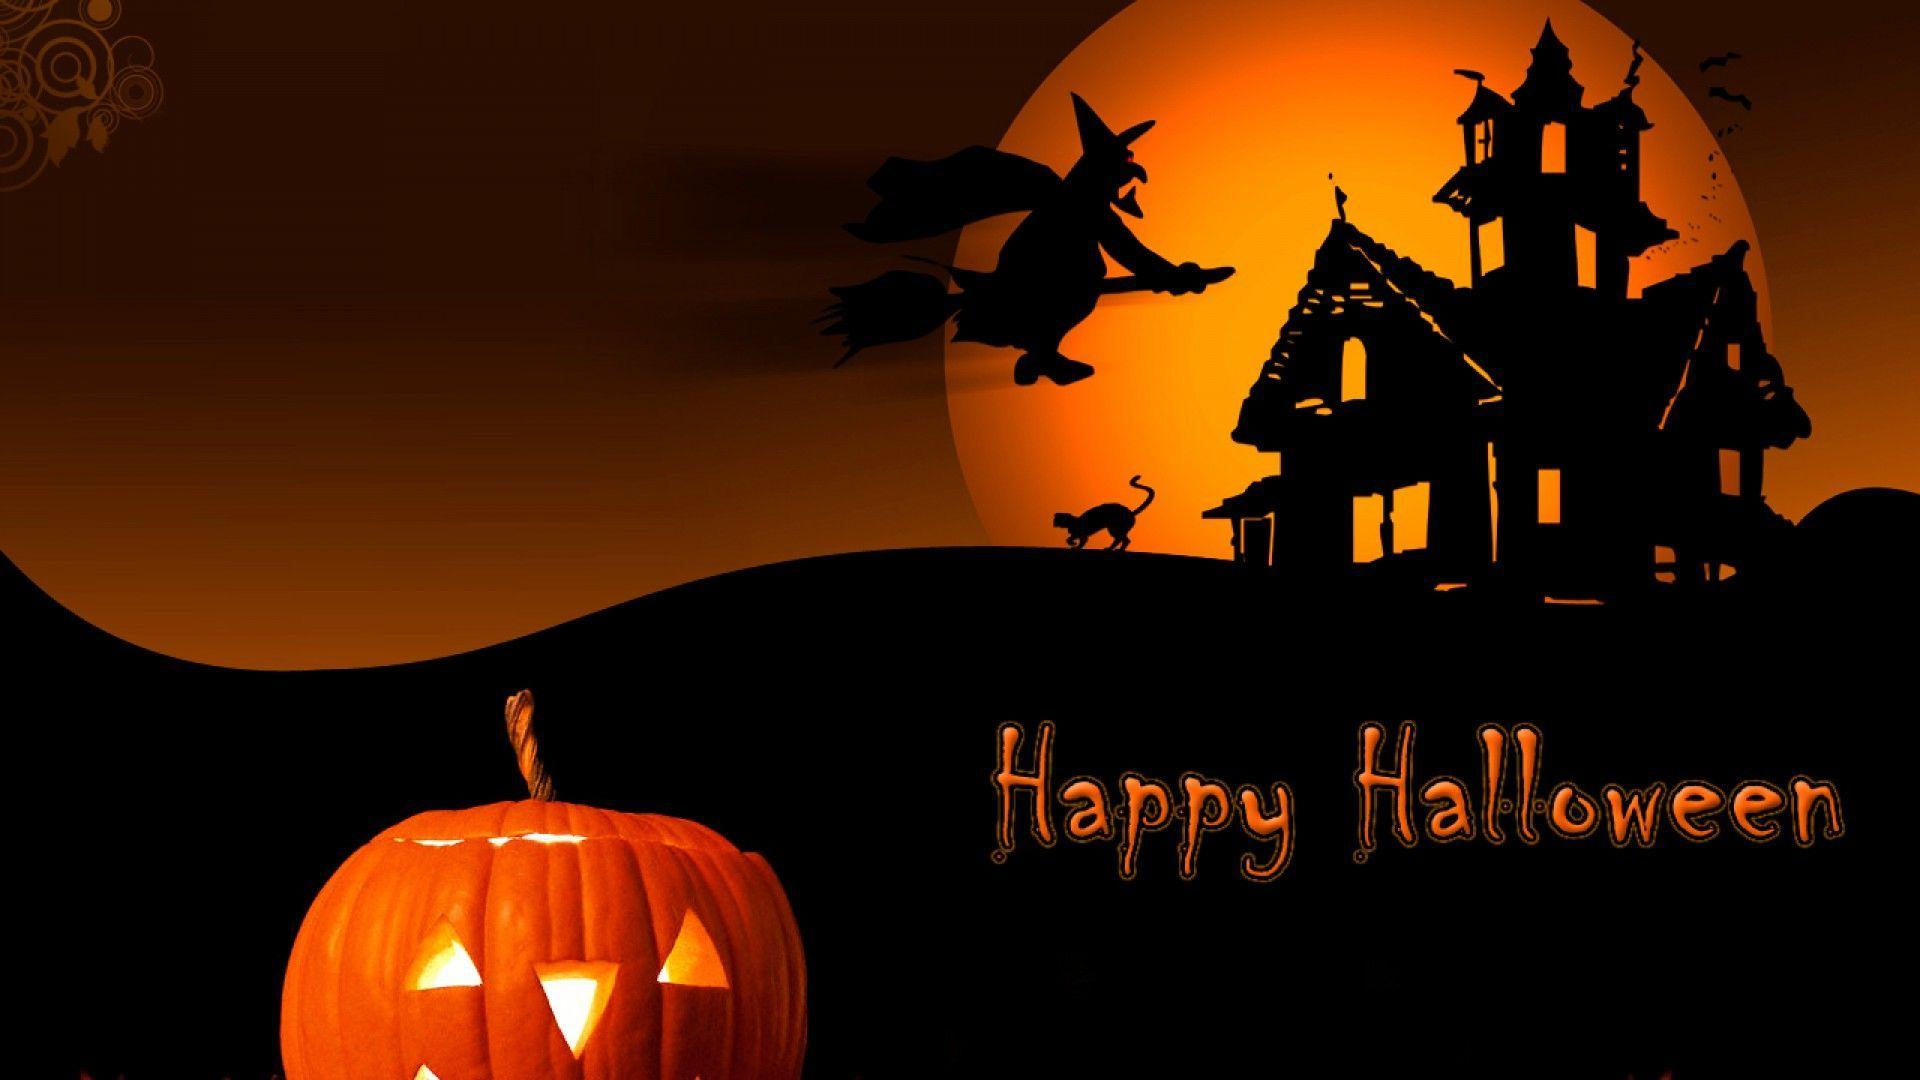 Halloween Images Hd.1920x1080 Halloween Wallpapers Wallpaper Cave